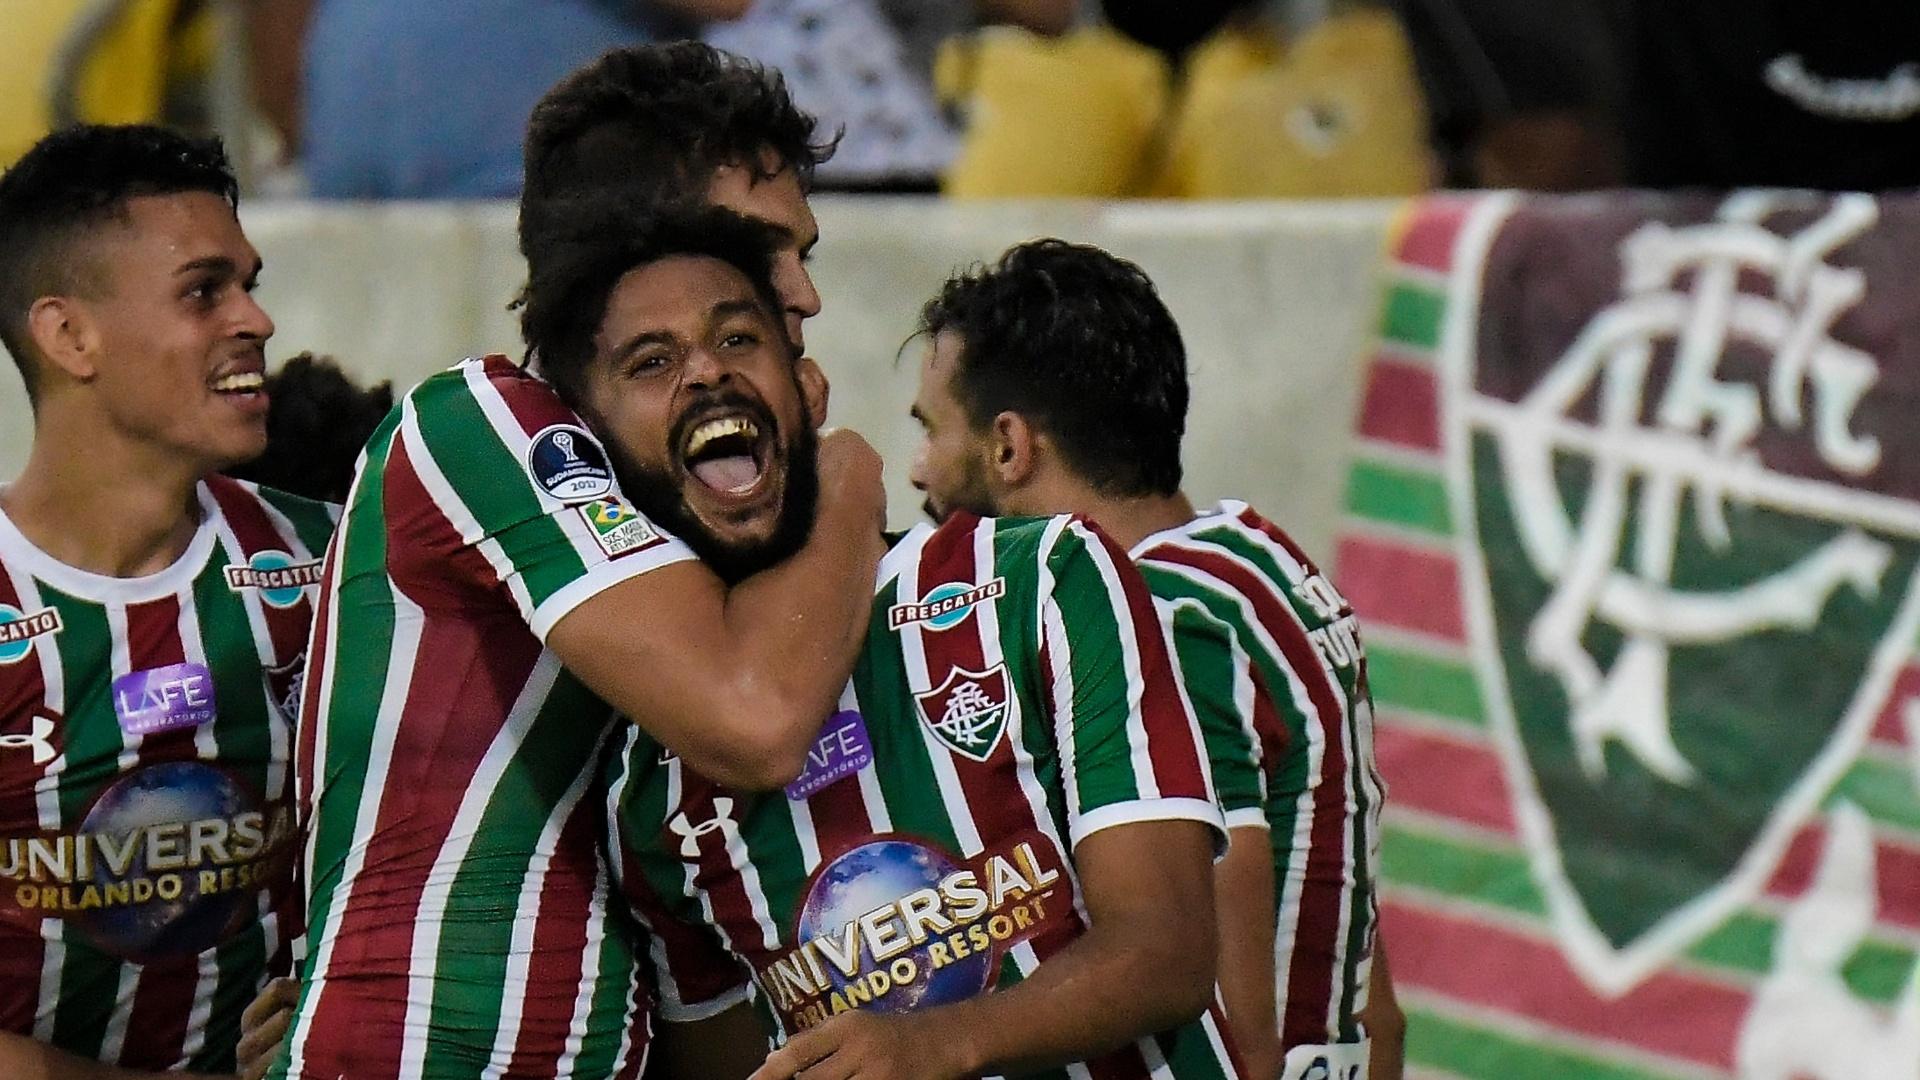 Renato Chaves comemora gol do Fluminense sobre o Flamengo